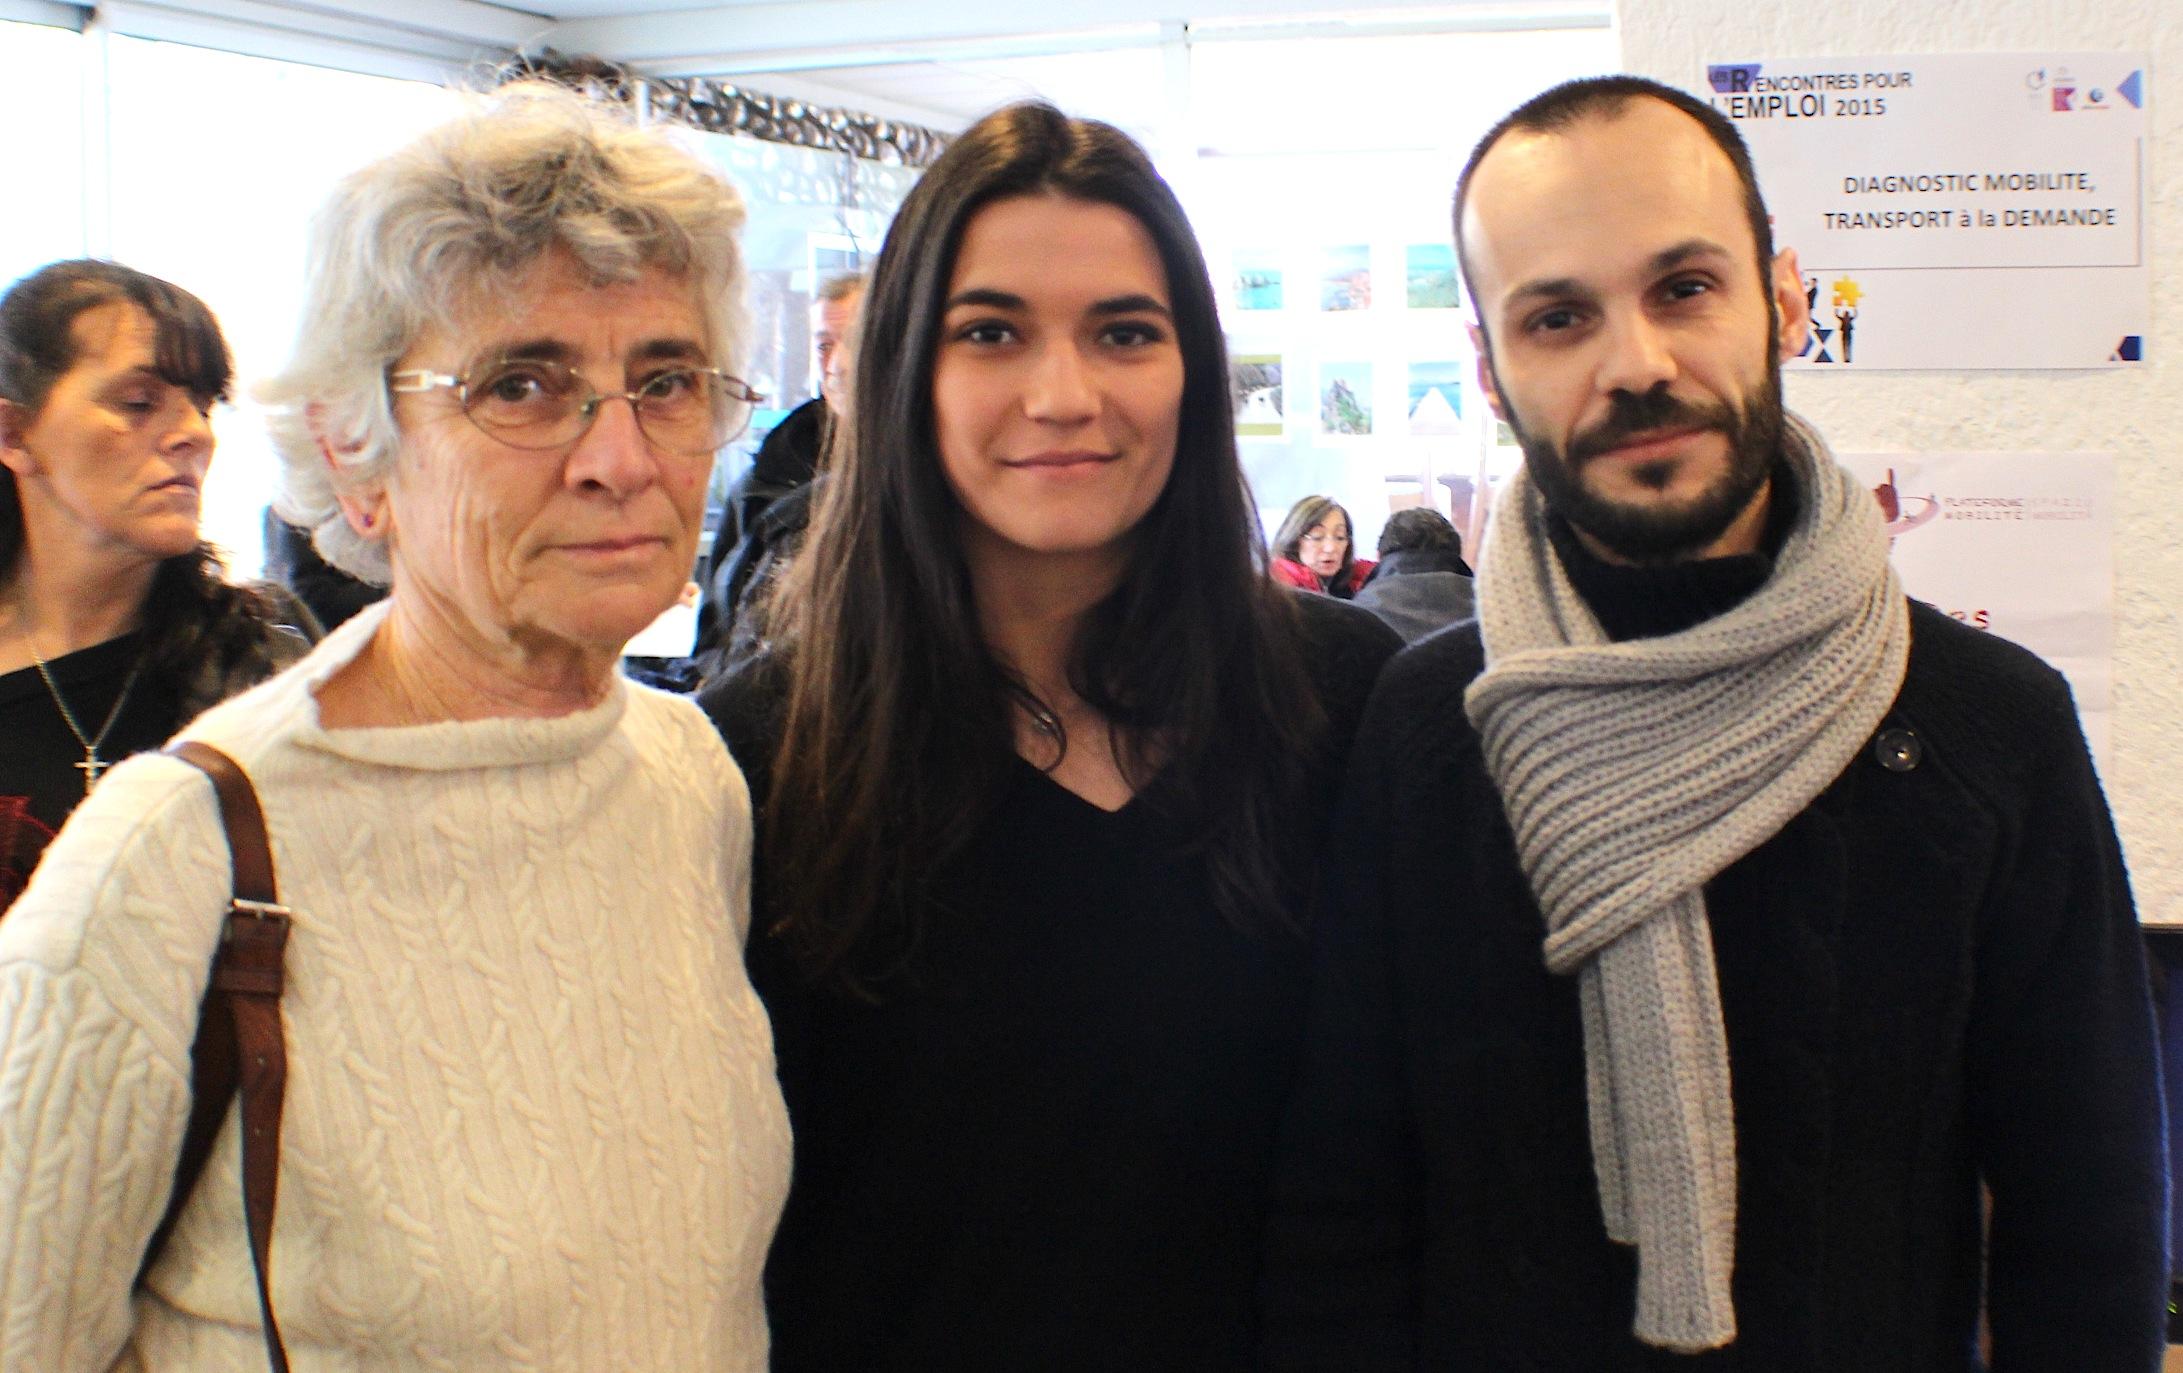 Des centaines de personnes aux 17èmes rencontres pour l'emploi de Bastia